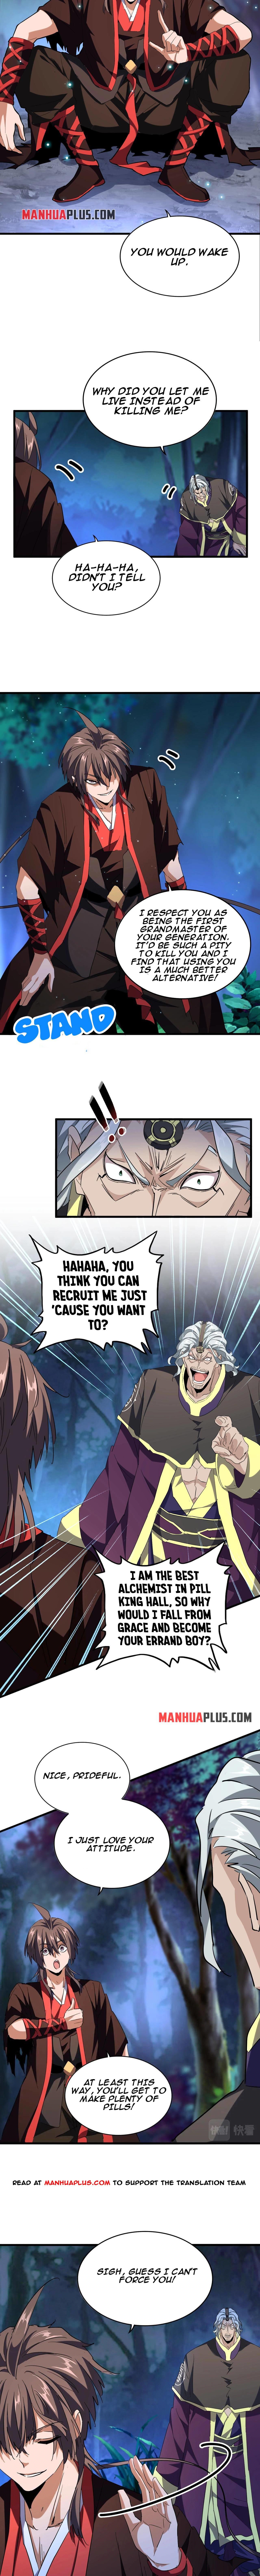 Magic Emperor Chapter 204 page 7 - Mangakakalots.com